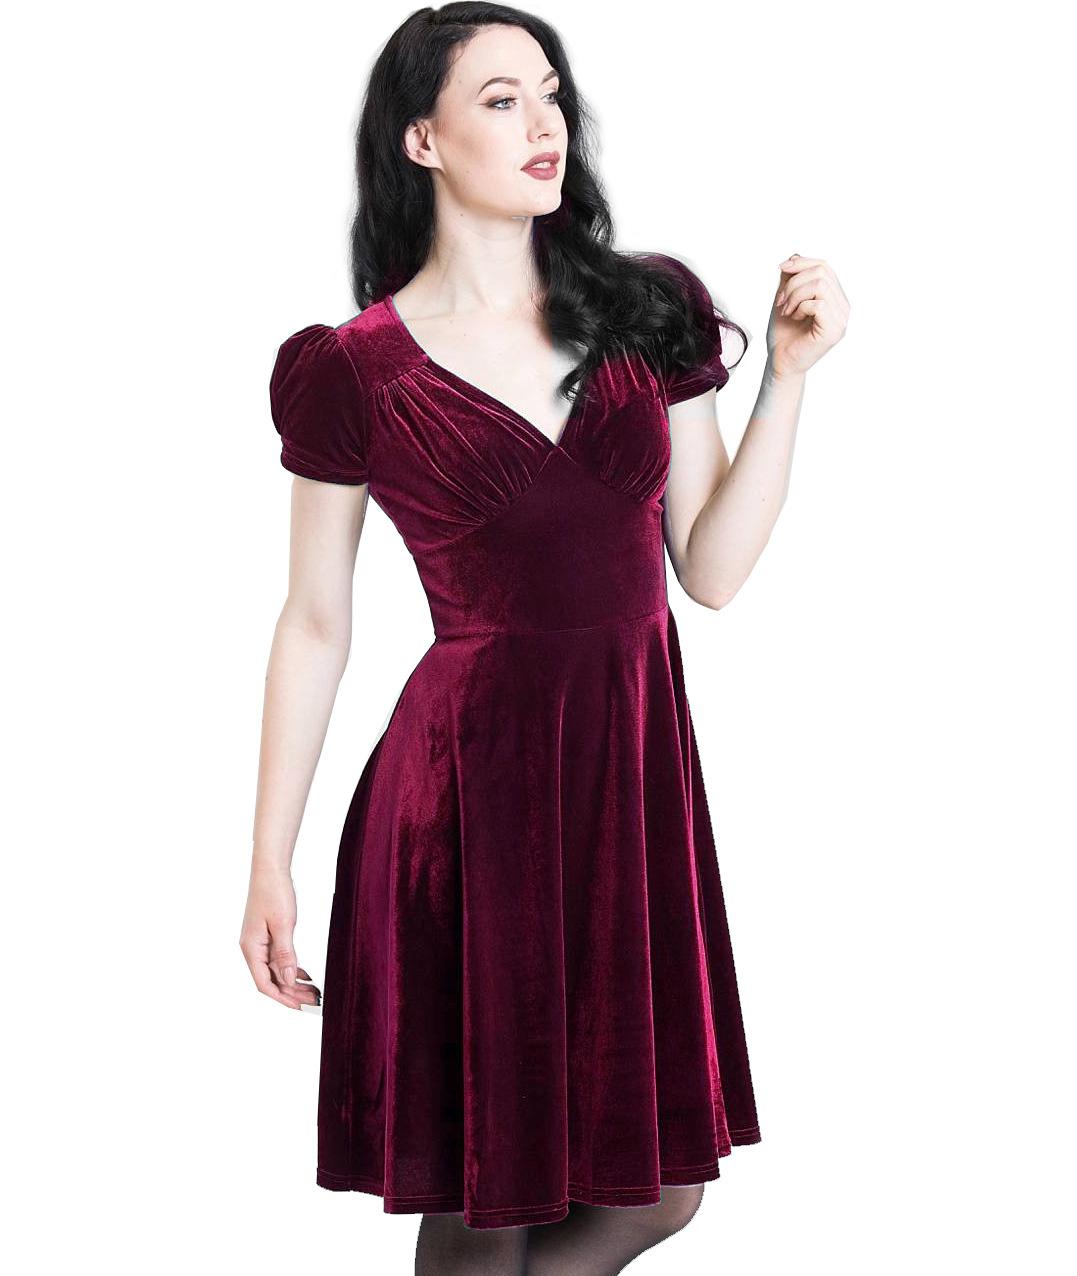 Hell-Bunny-40s-50s-Elegant-Pin-Up-Dress-JOANNE-Crushed-Velvet-Burgundy-All-Sizes thumbnail 3